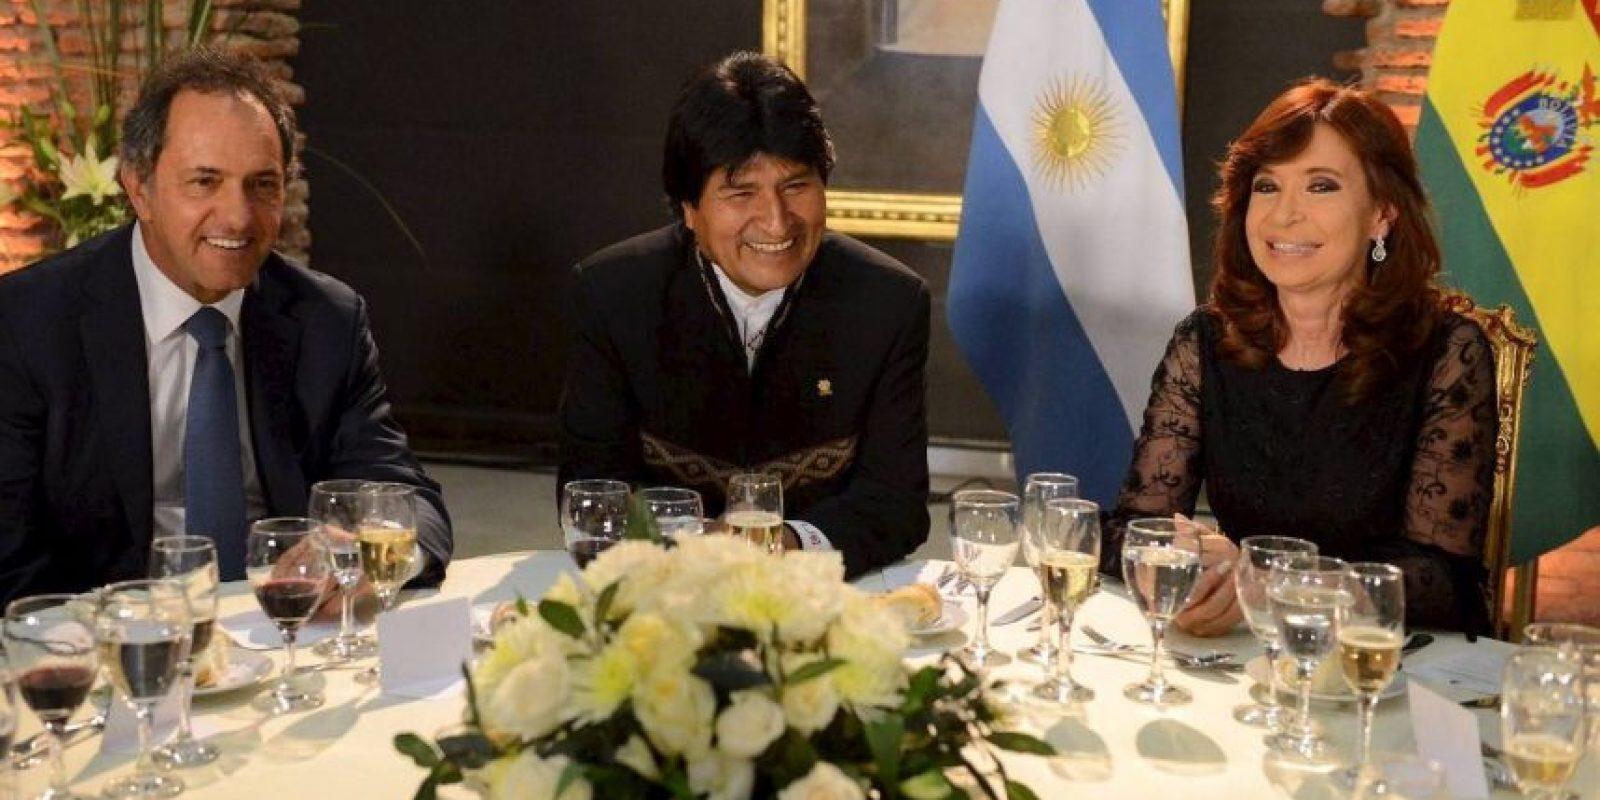 Es el candidato heredero de las políticas del Kirchnerismo. Foto:Facebook.com/danielsciolioficial